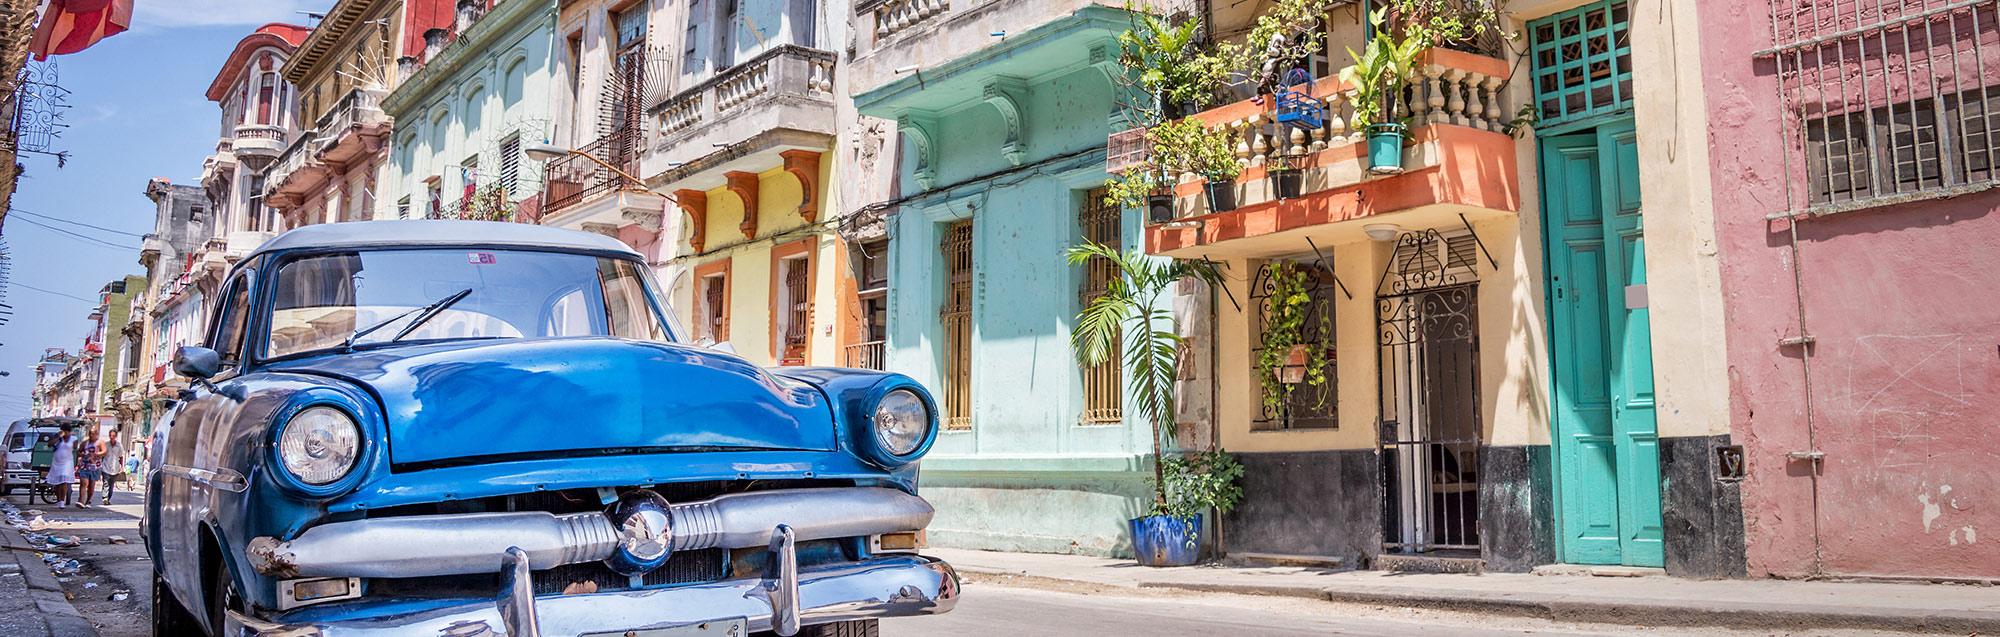 Dein Sprachkurs in einer Sprachschule Havanna